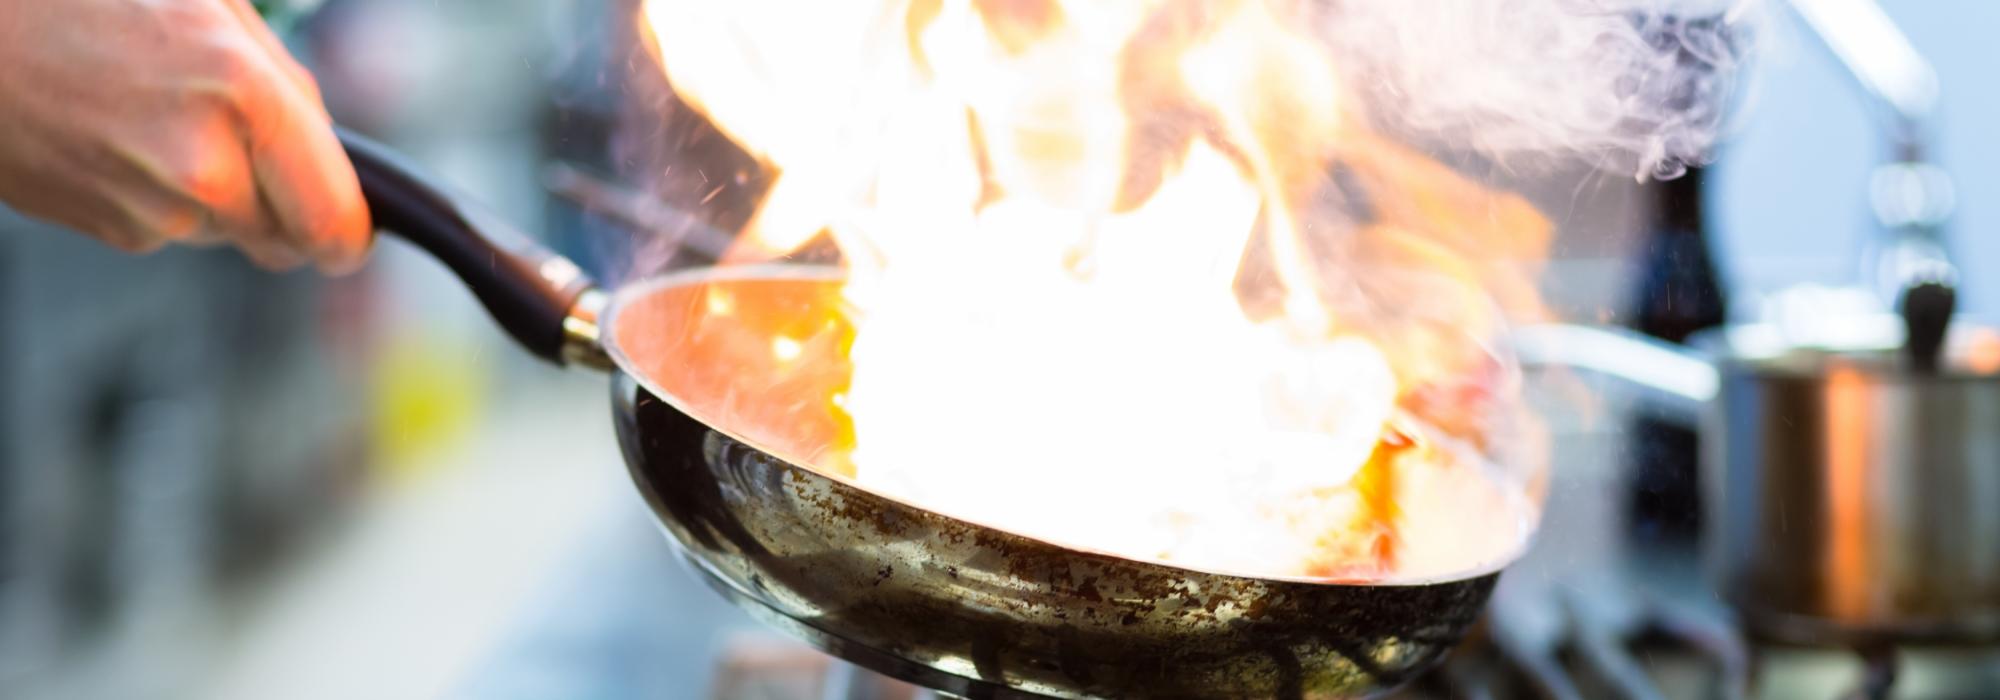 BEET | vuur heet pan beet gas lekker koken